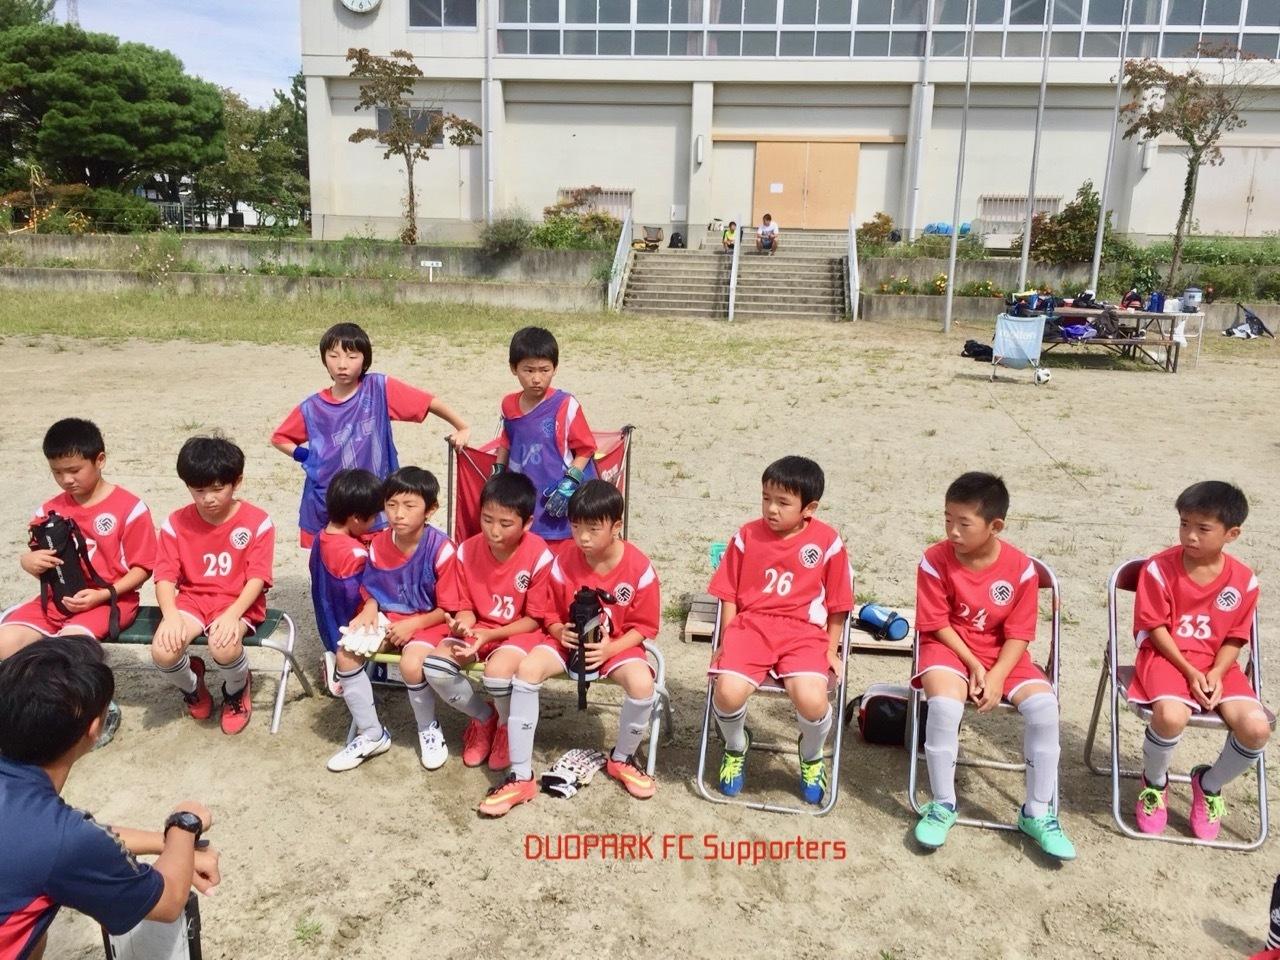 【U-9 くまがい杯 泉予選】vs ACジュニオール & KAMURI September 17, 2018_c0365198_23100203.jpg